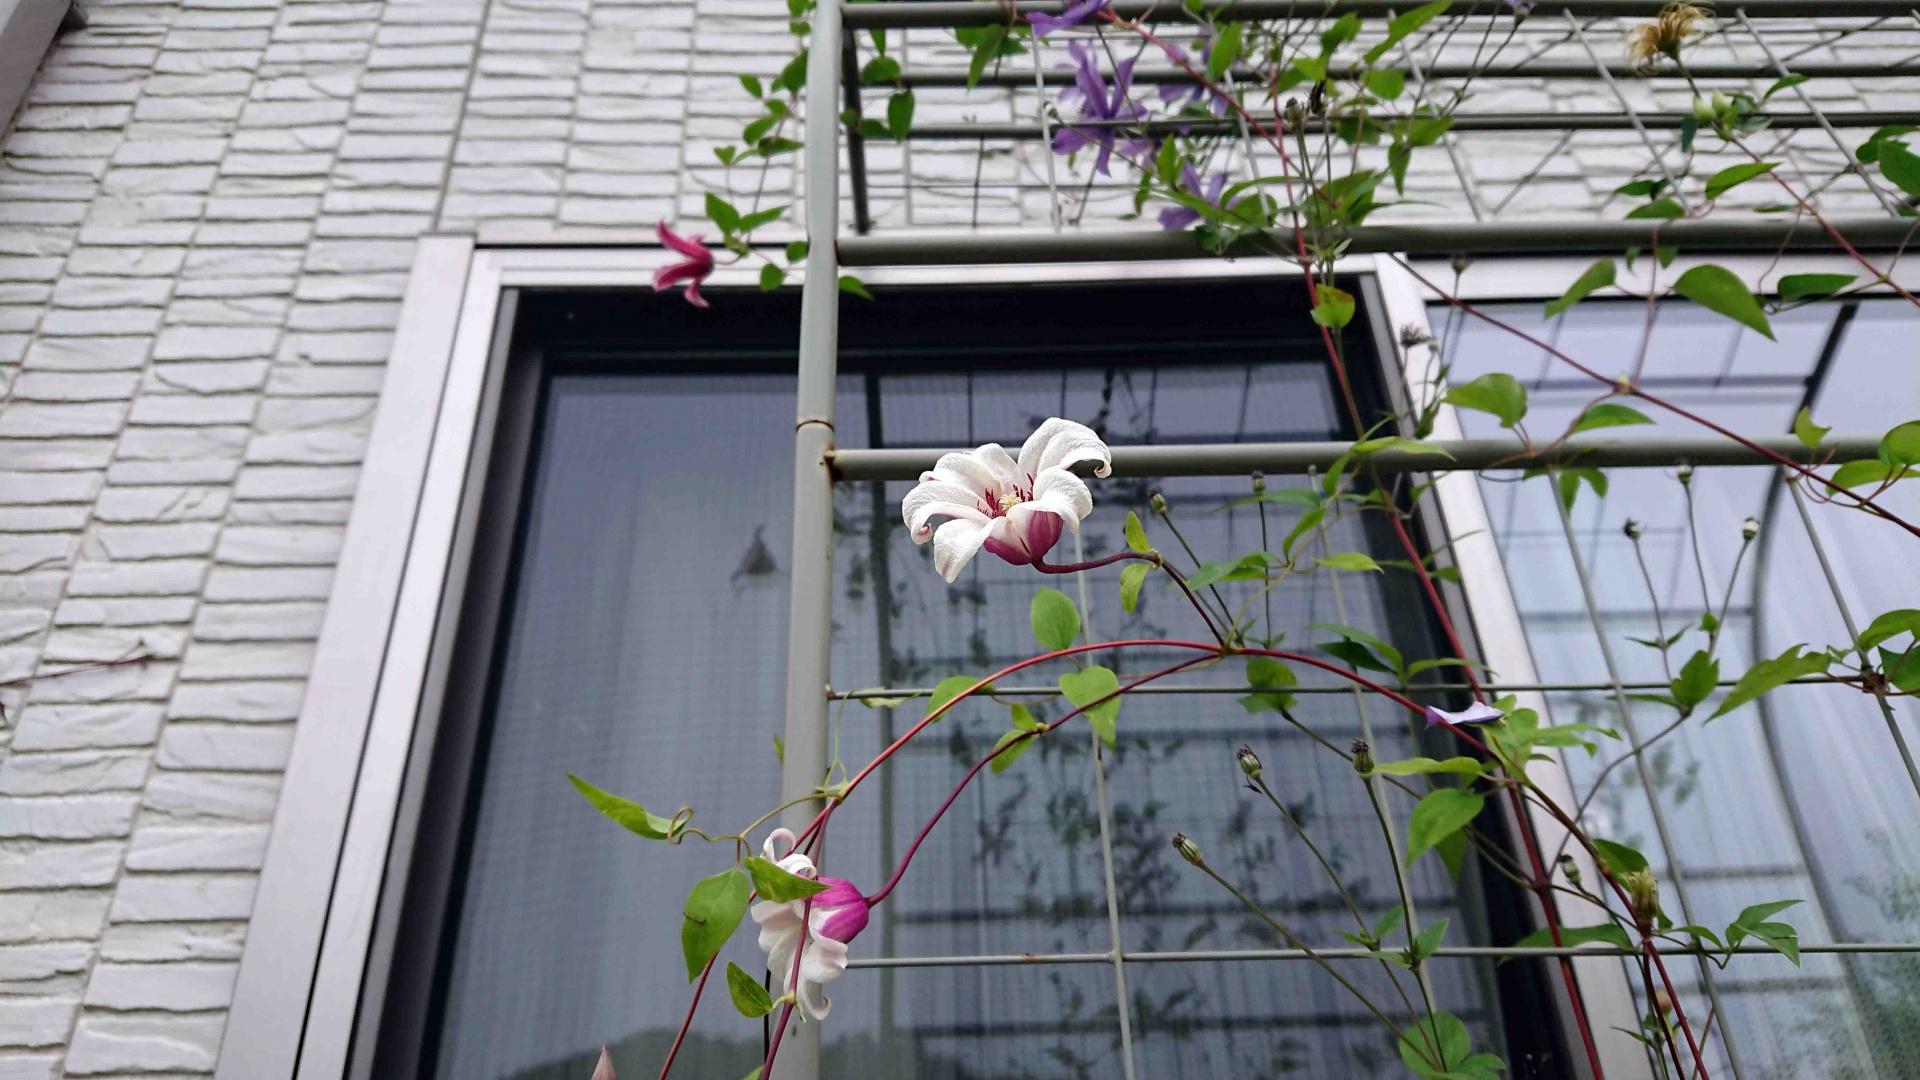 ハーフアーチ天辺まで咲き上がったクレマチスTx プリンセス・ダイアナとIF 流星,開花中のTx プリンセス・ケイト,2020年7月5日